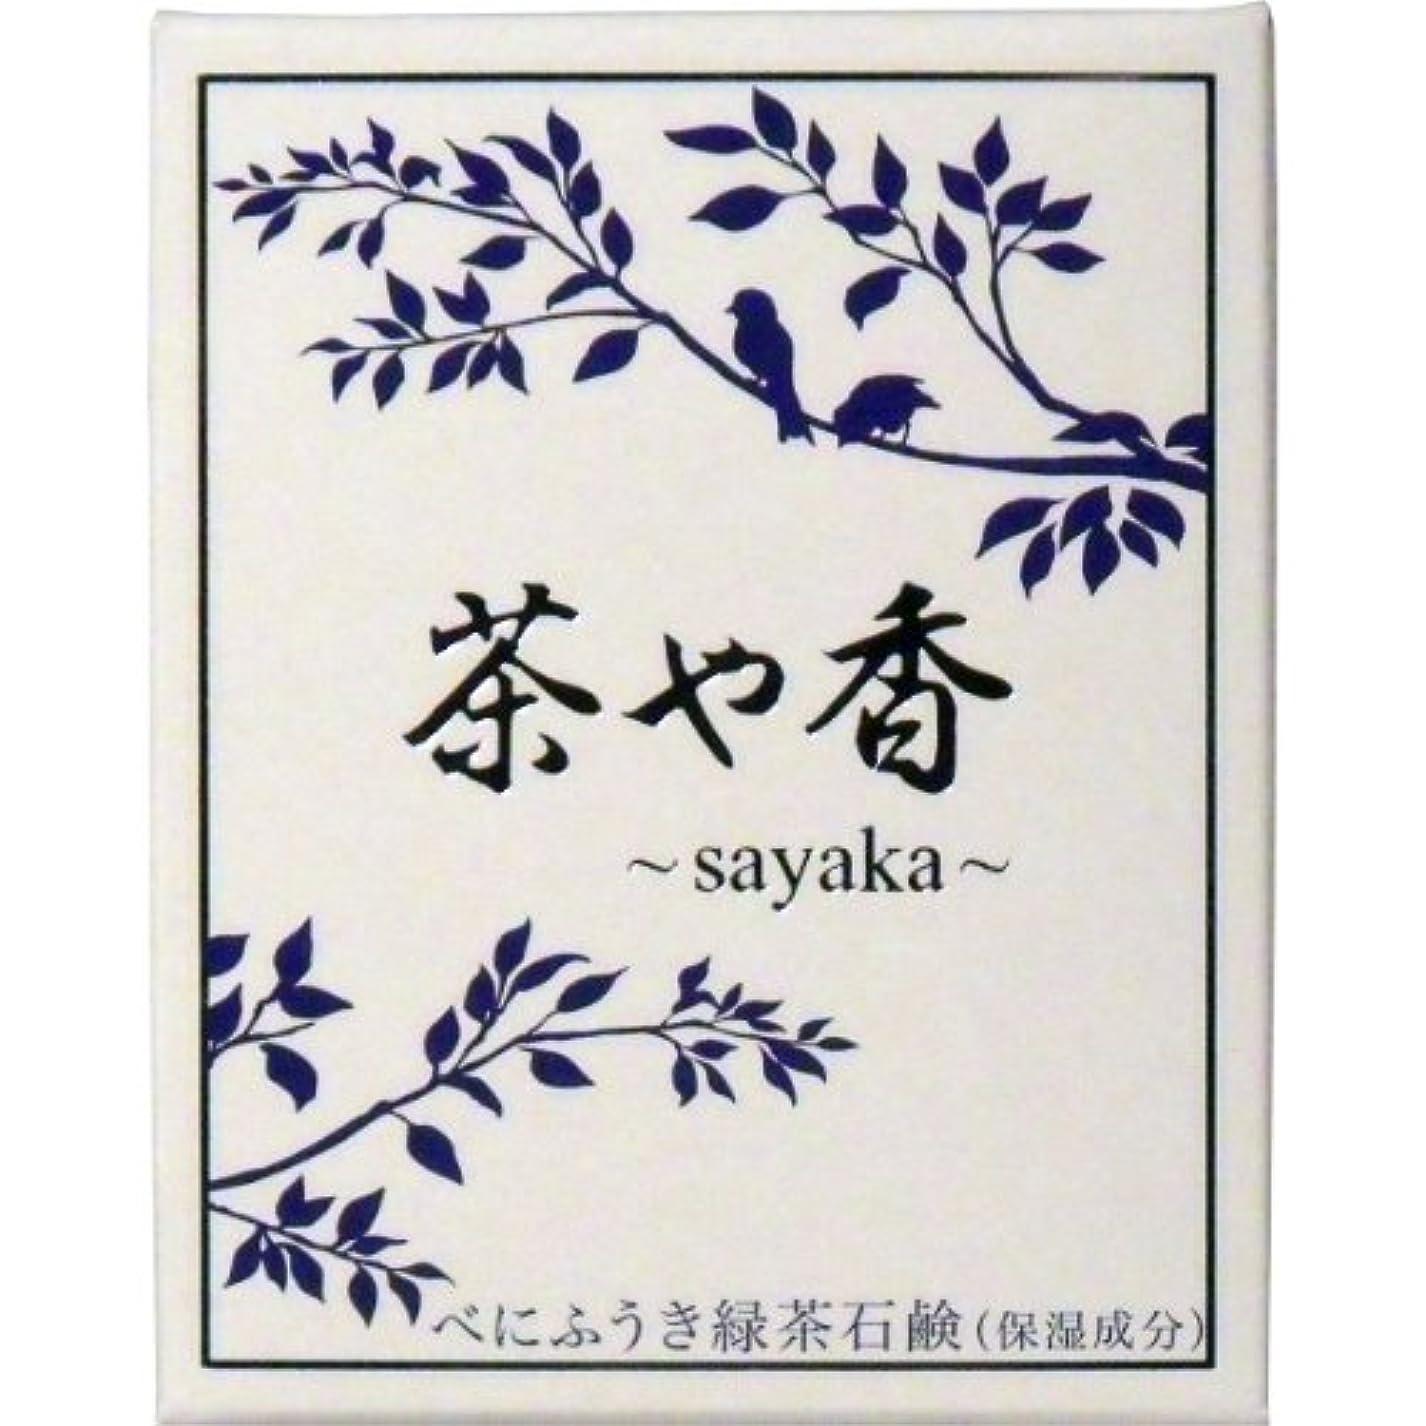 時計回り生命体均等に進製作所 べにふうき緑茶石鹸 茶や香~sayaka~ 100g